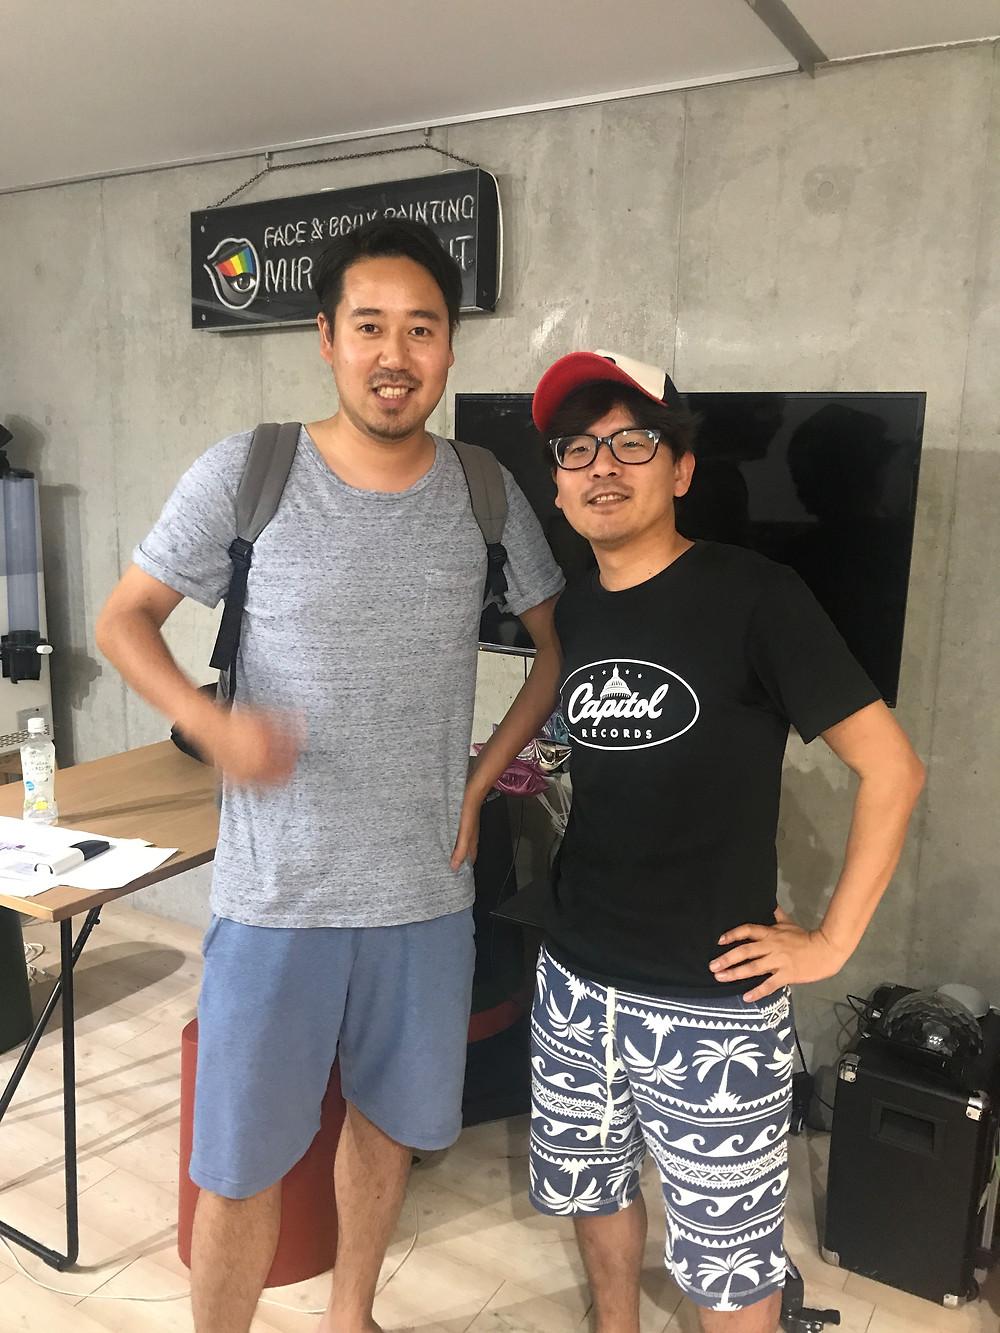 矢野トムのFIFAワールドカップでのフェイスペイントレビュー